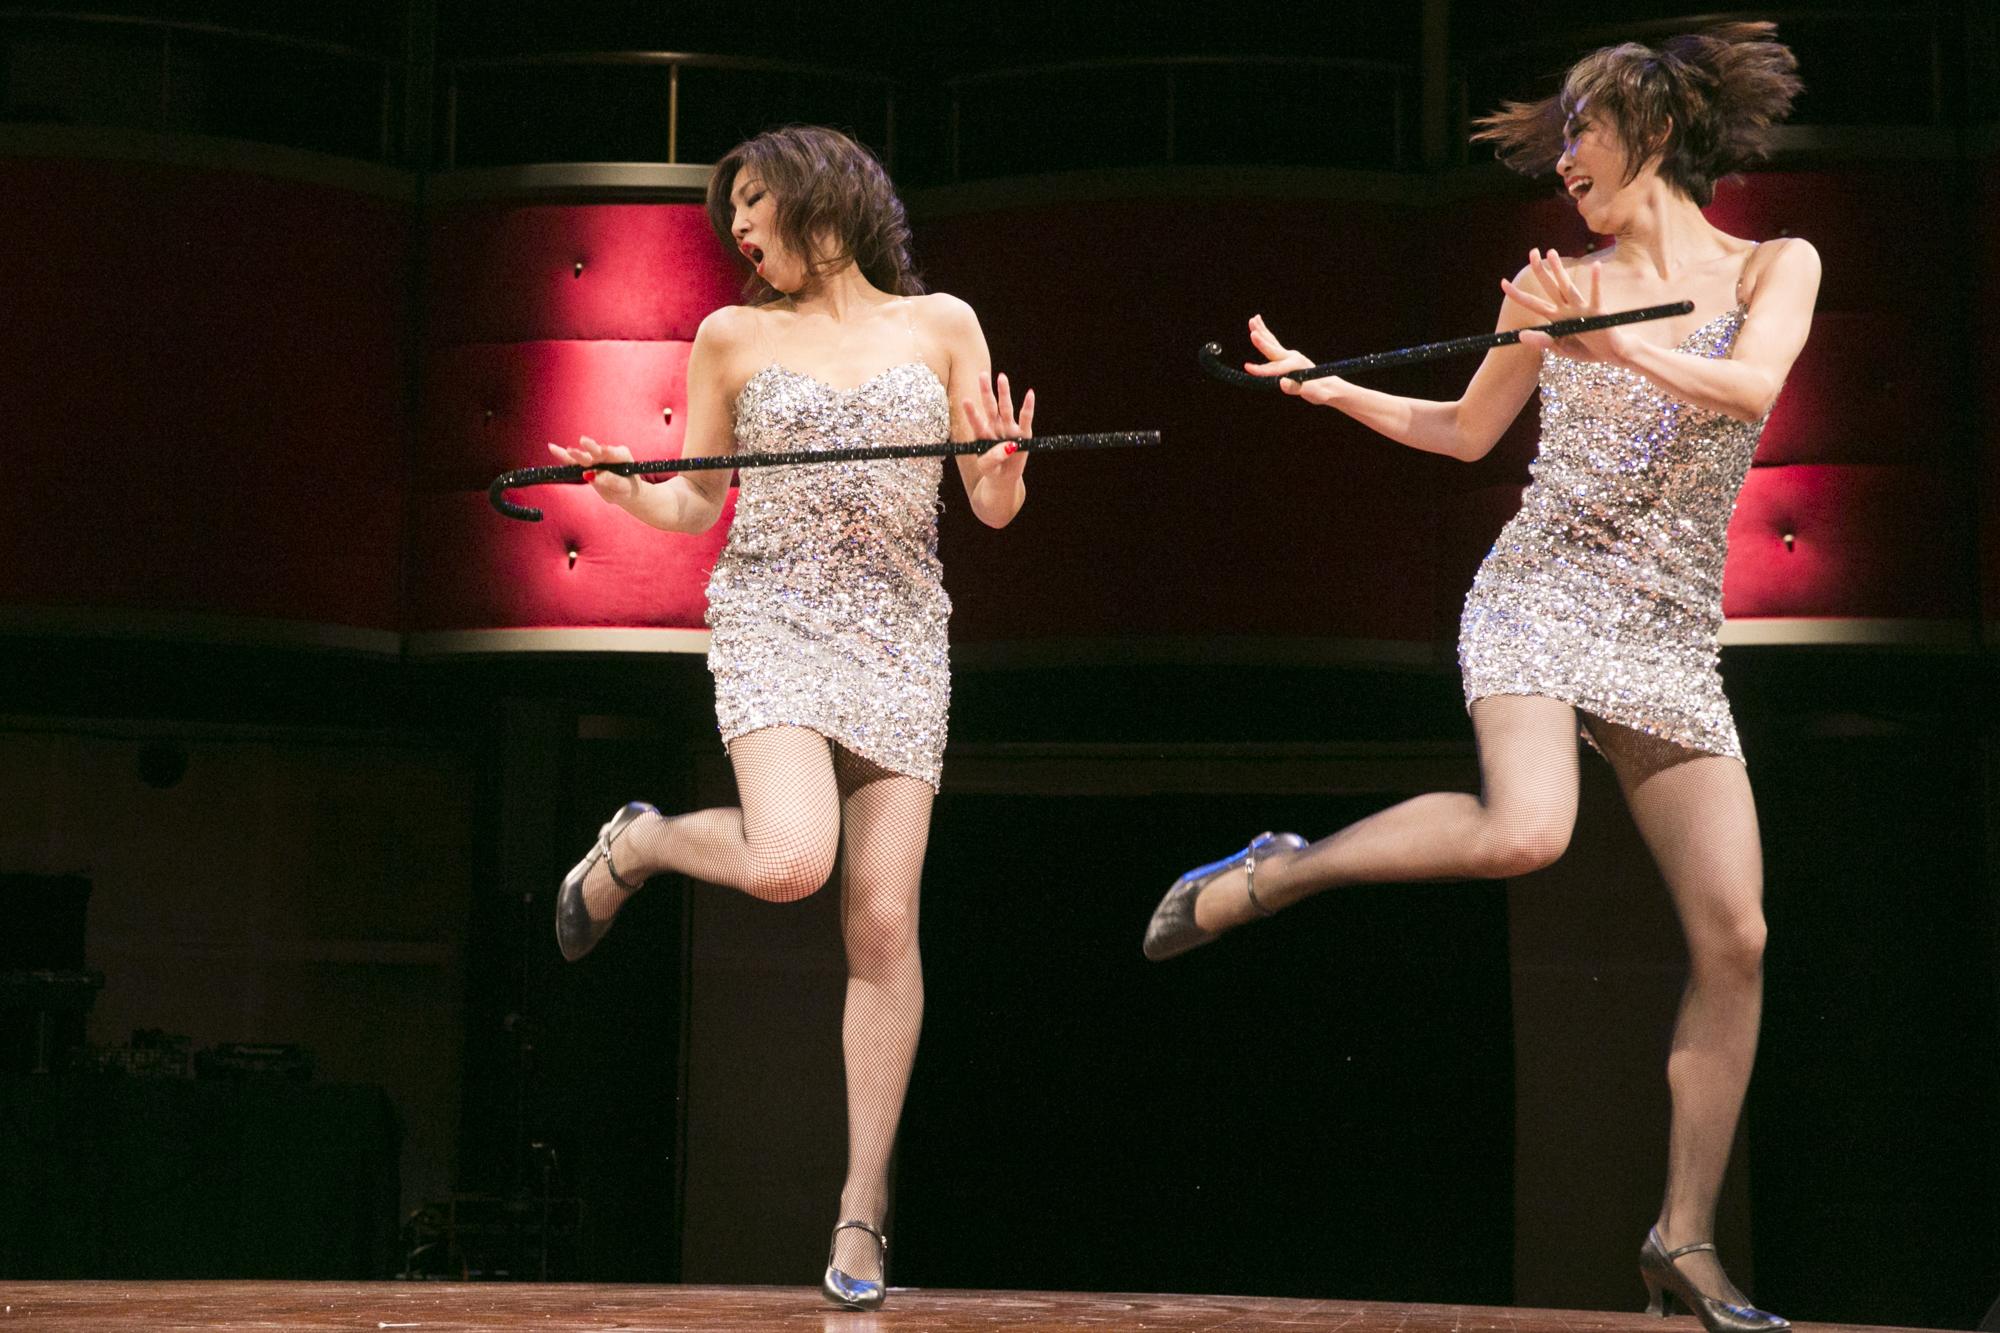 3部~showtimeNYの旅へ③【NYスタイル★Xmas&Happy newyearパーティー】Broadway Show-Chicago 編